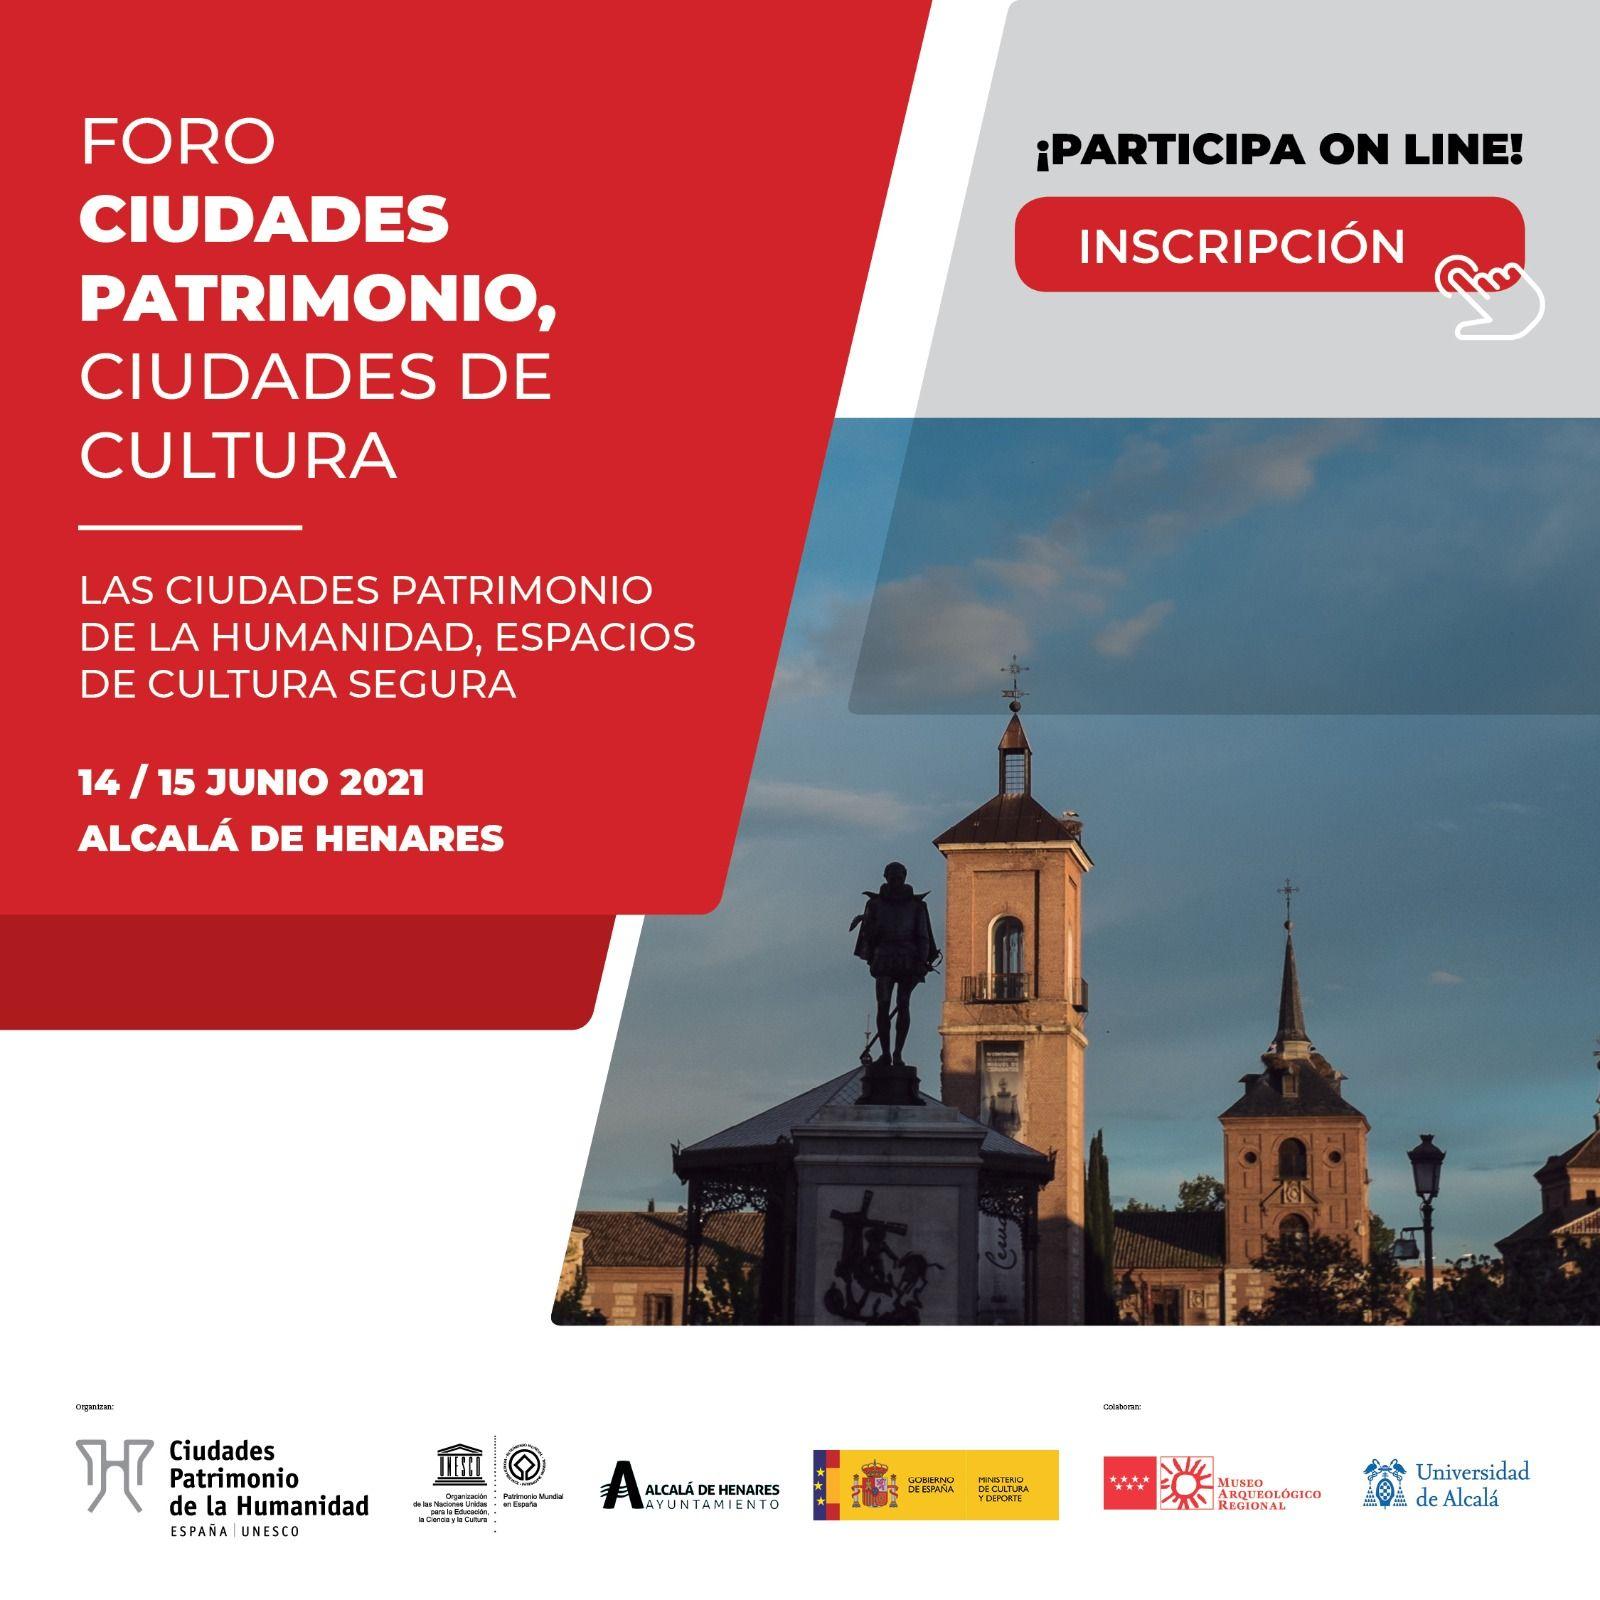 Toledo y Ciudades Patrimonio de la Humanidad abordan el papel de la cultura y la gestión cultural en entornos patrimoniales